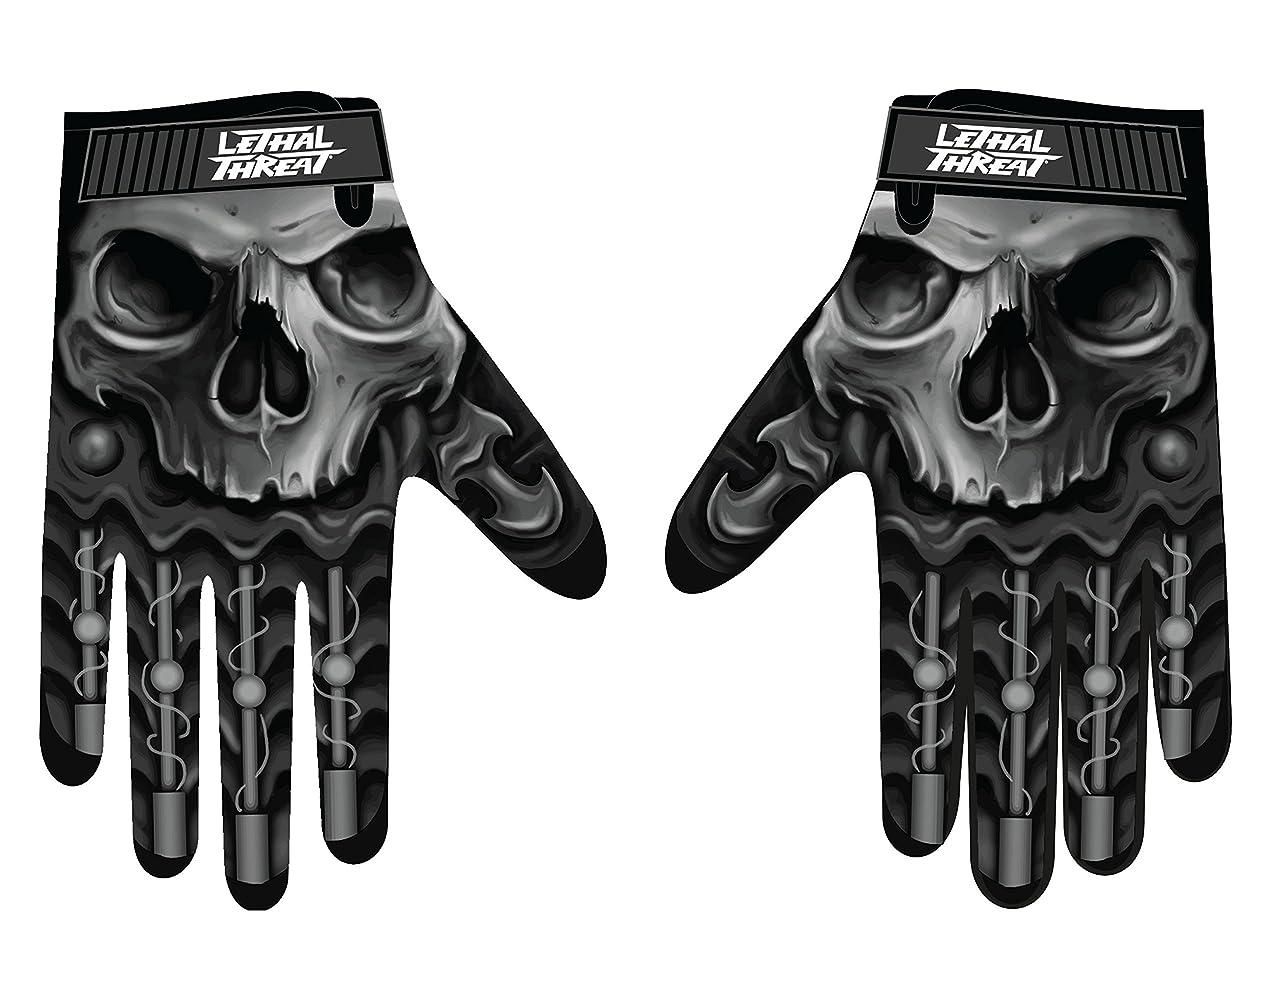 うまれた解くミリメートルLethal Threatメンズ手袋(スカルメンズHand ) (、、1パック M ブラック GL15004M